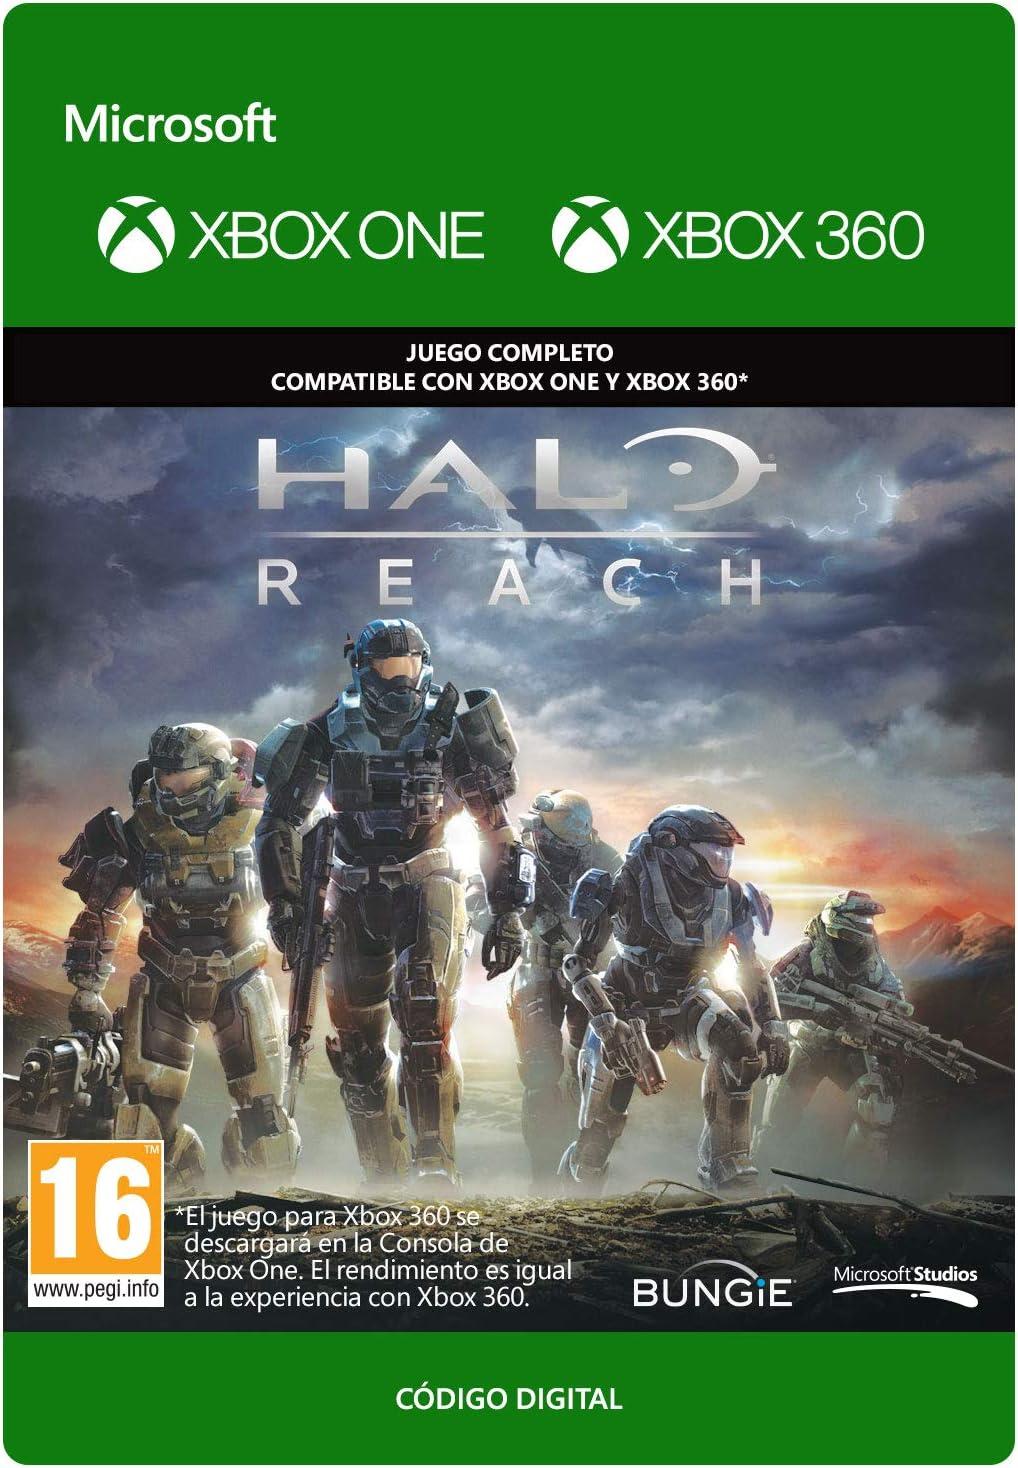 Halo: Reach | Xbox 360 - Plays on Xbox One - Código de descarga ...